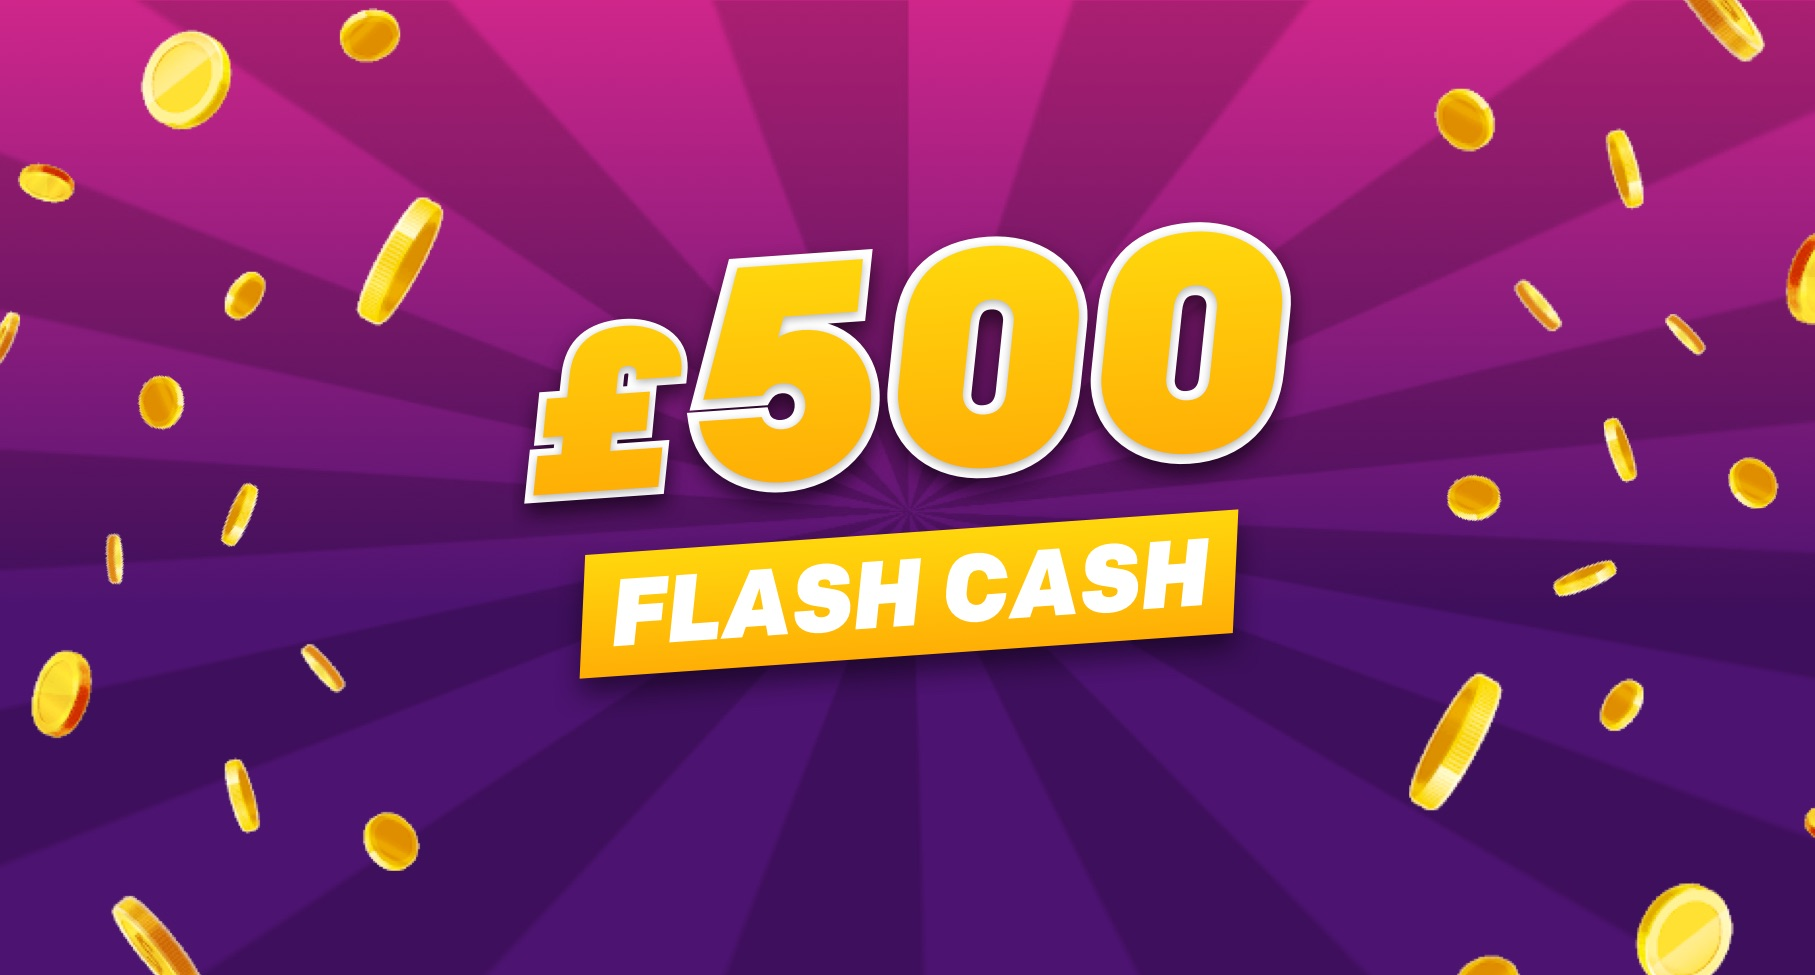 £500 Cash